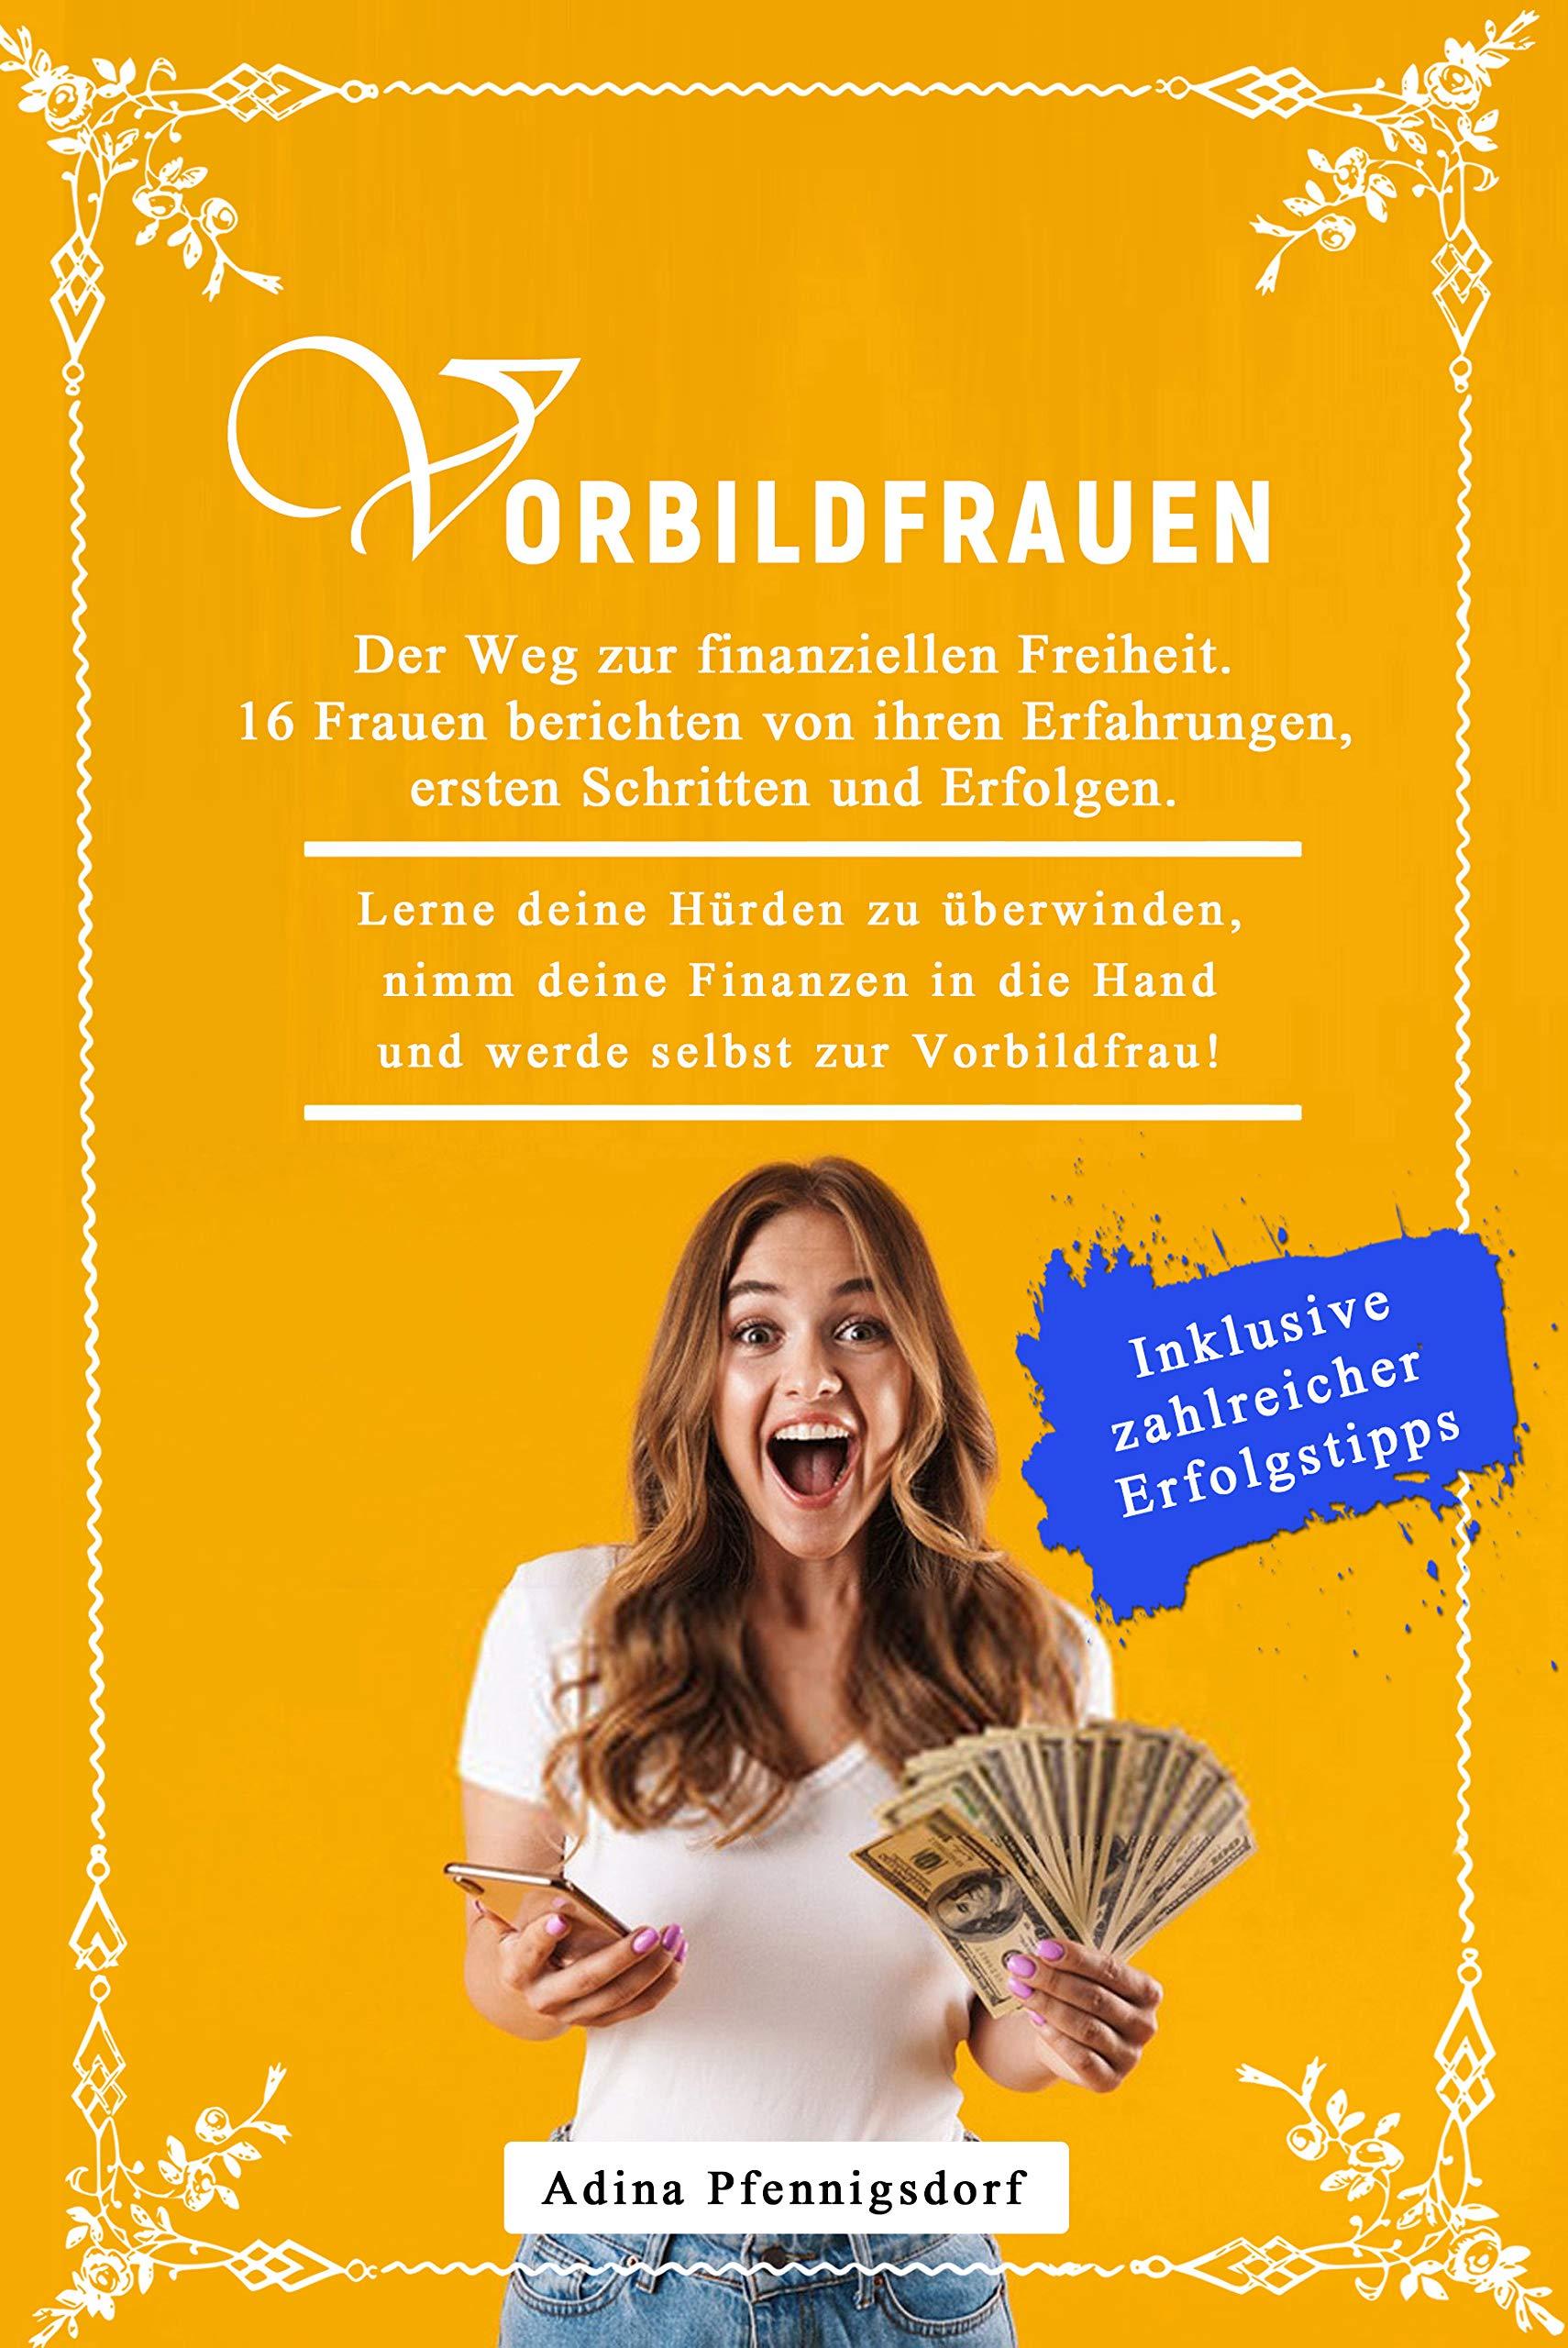 Vorbildfrauen - Der Weg zur finanziellen Freiheit. 16 Frauen berichten von ihren Erfahrungen.: Lerne deine Hürden zu überwinden, nimm deine Finanzen in ... selbst zur Vorbildfrau! (German Edition)